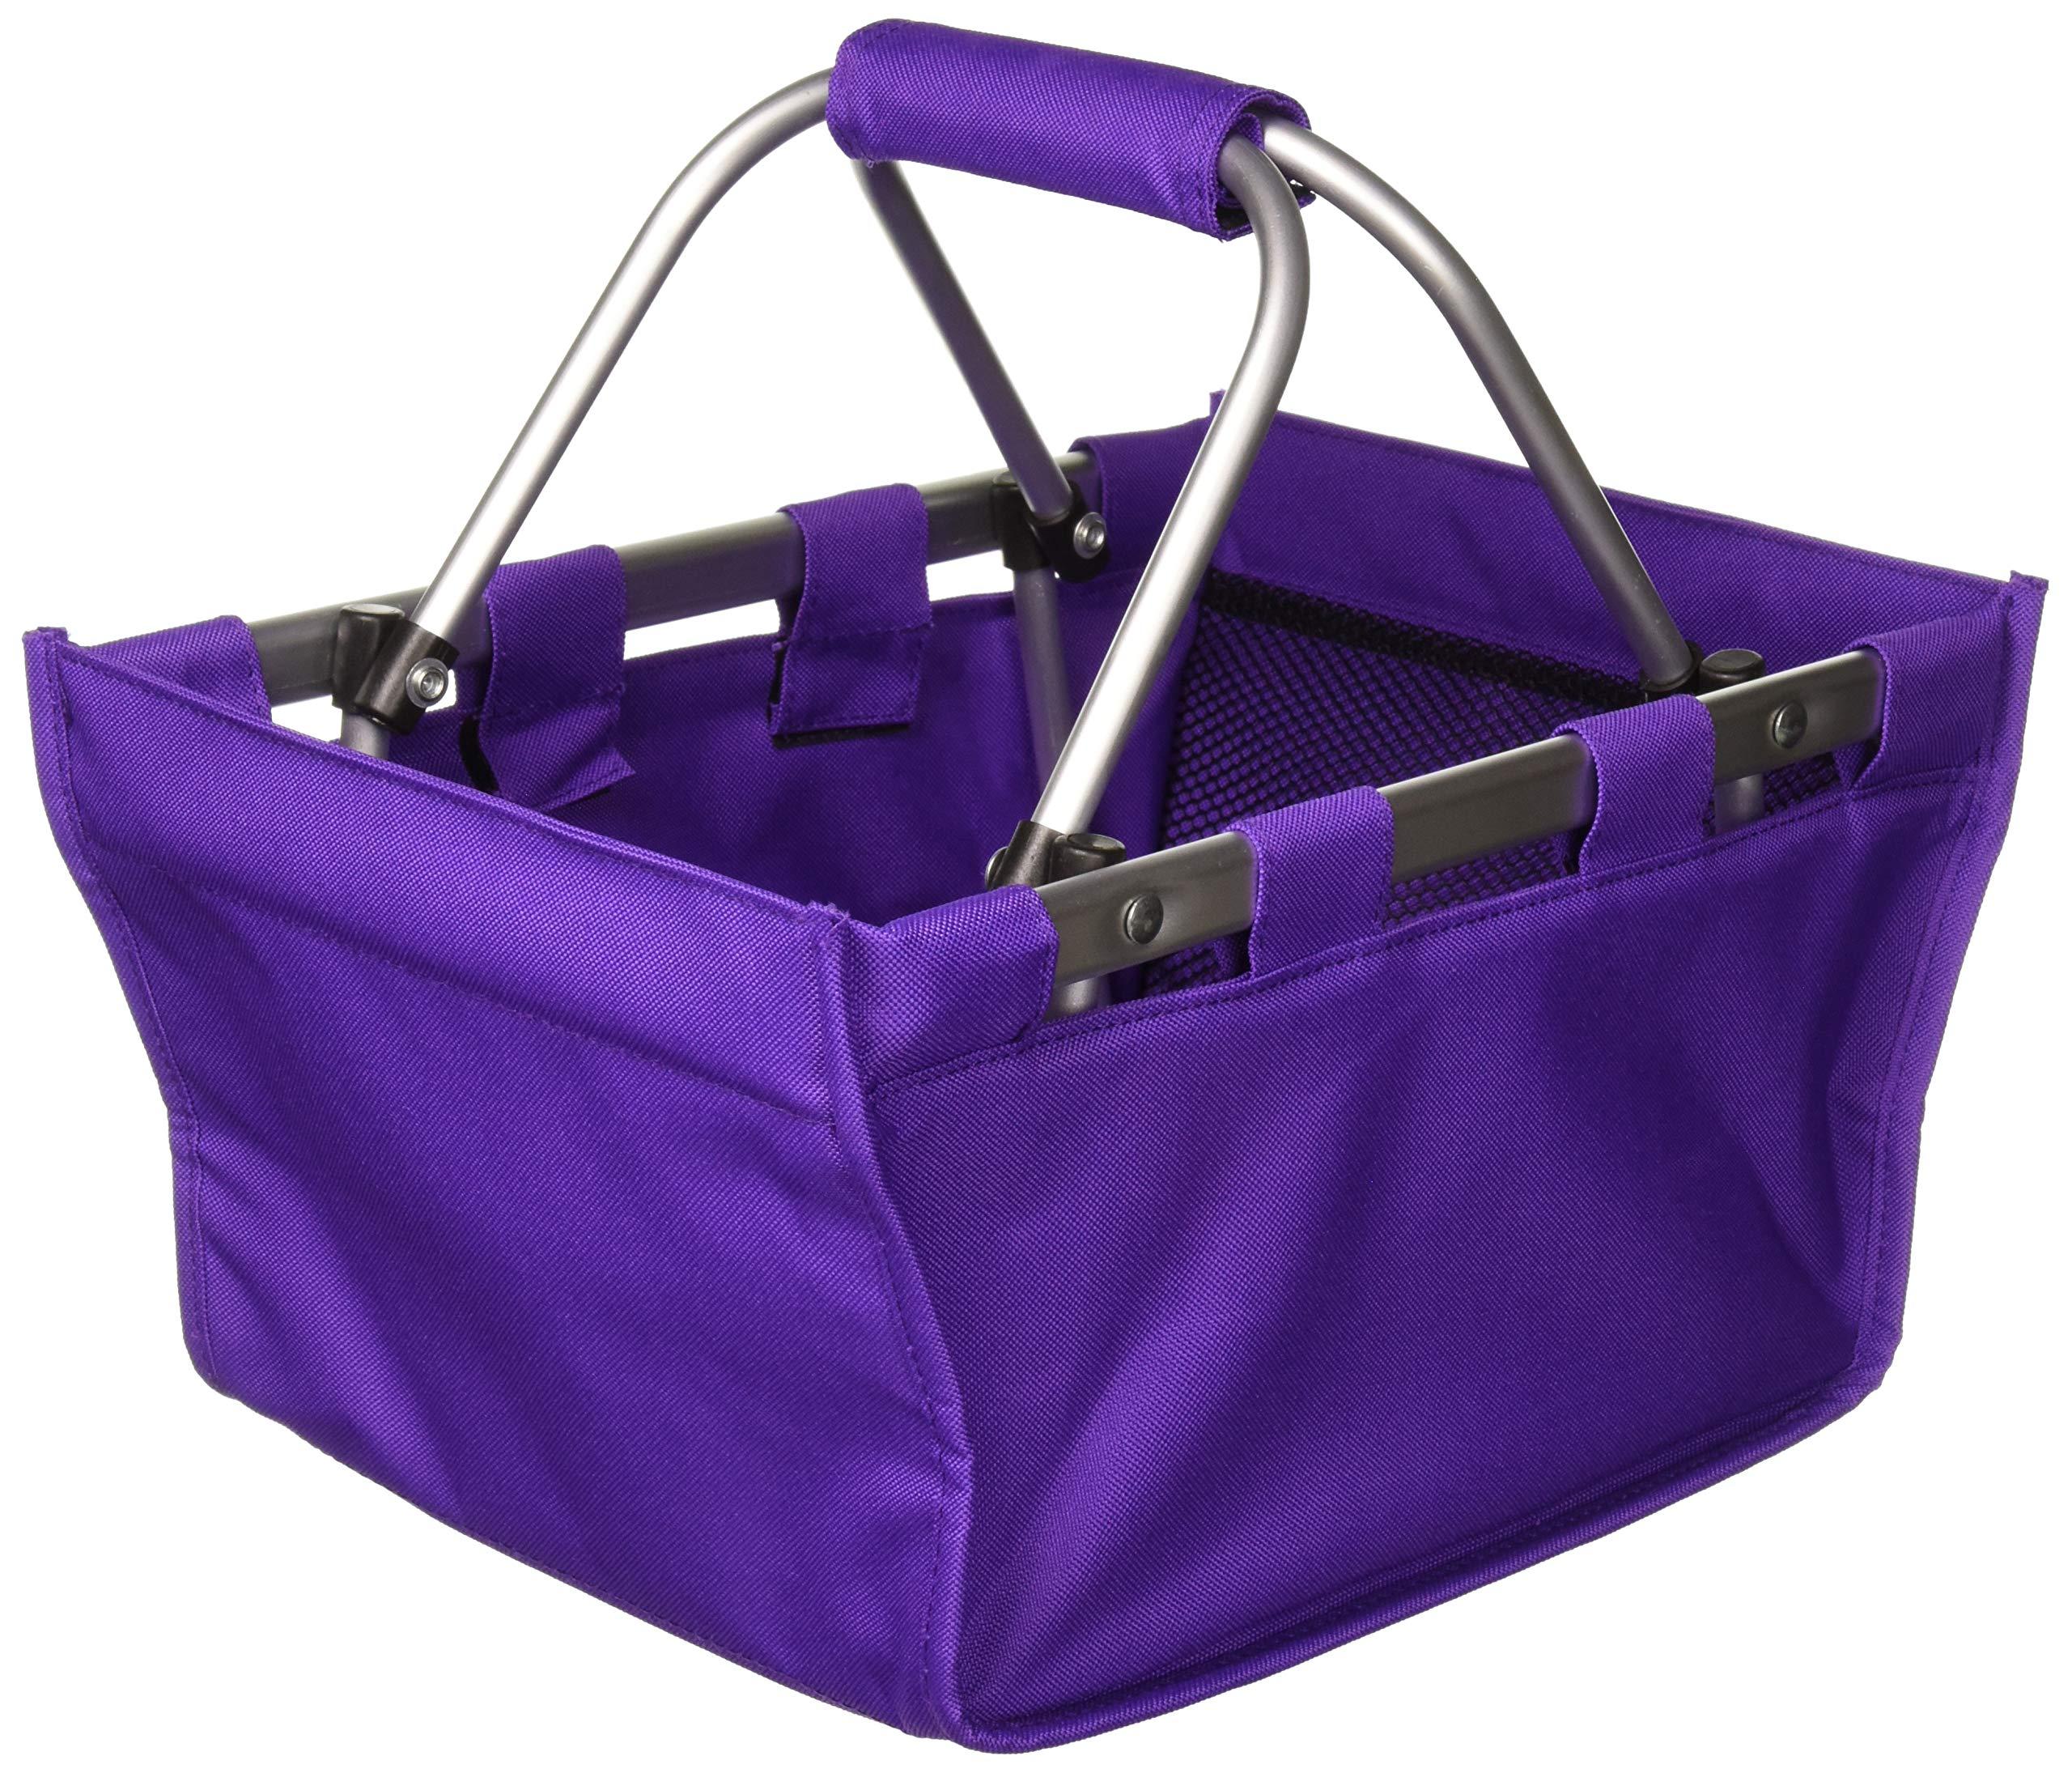 批发精品 MARKETVL-MINIPUR 紫色市场手提袋耐用可移除铝框,均码